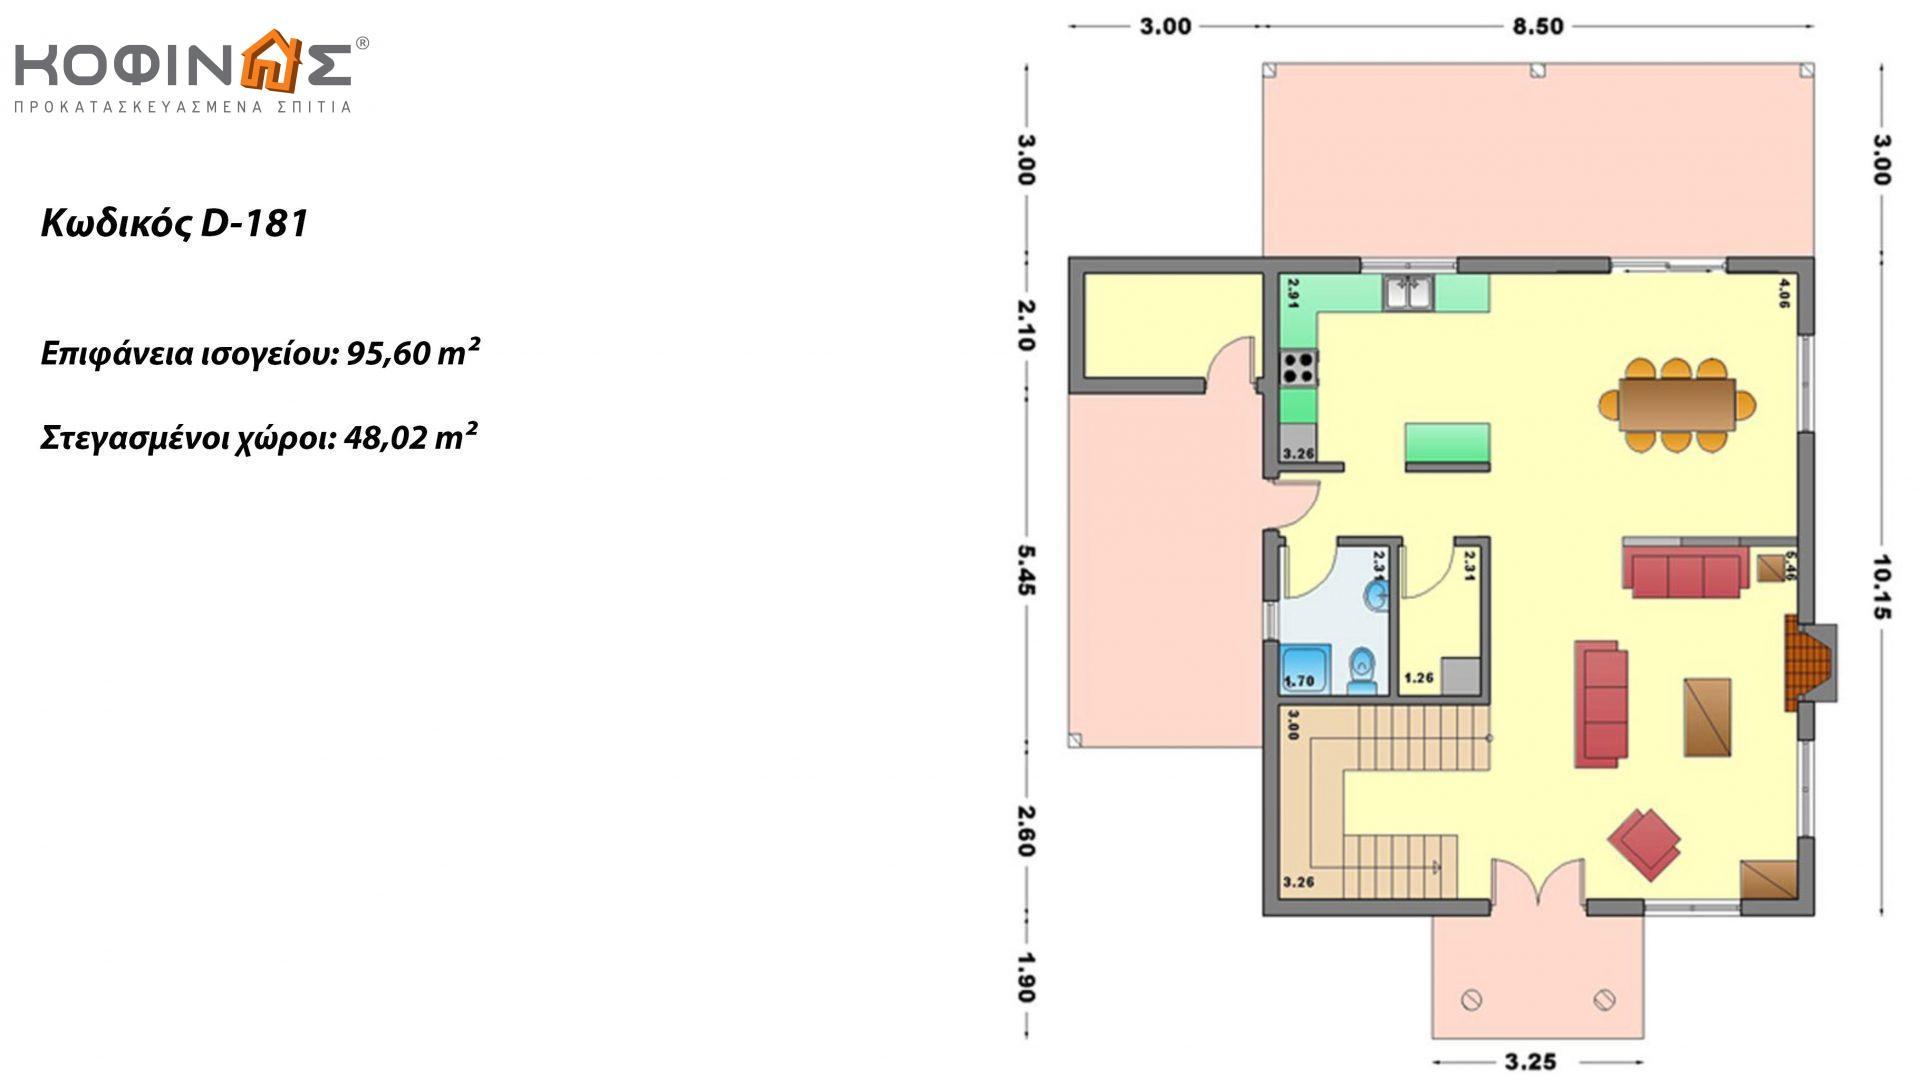 Διώροφη Κατοικία D-181, συνολικής επιφάνειας 181,90 τ.μ., συνολική επιφάνεια στεγασμένων χώρων 48.02 τ.μ.